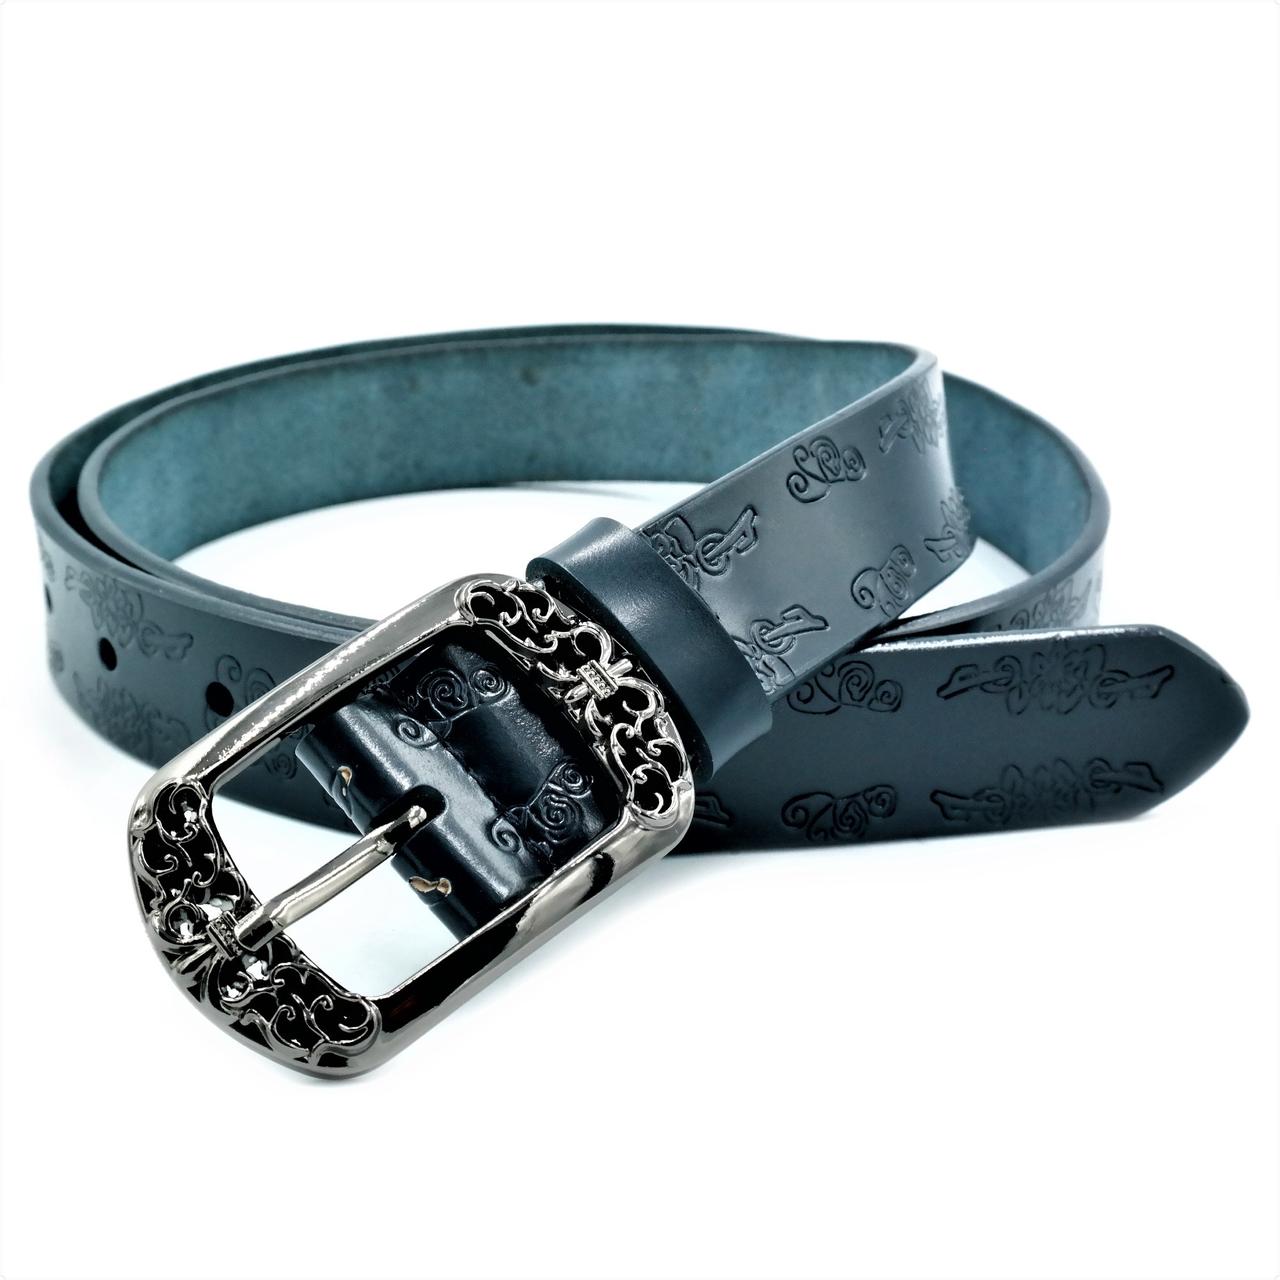 Женский кожаный ремень Le-Mon nwzh-30k-0034 Тёмно-синий